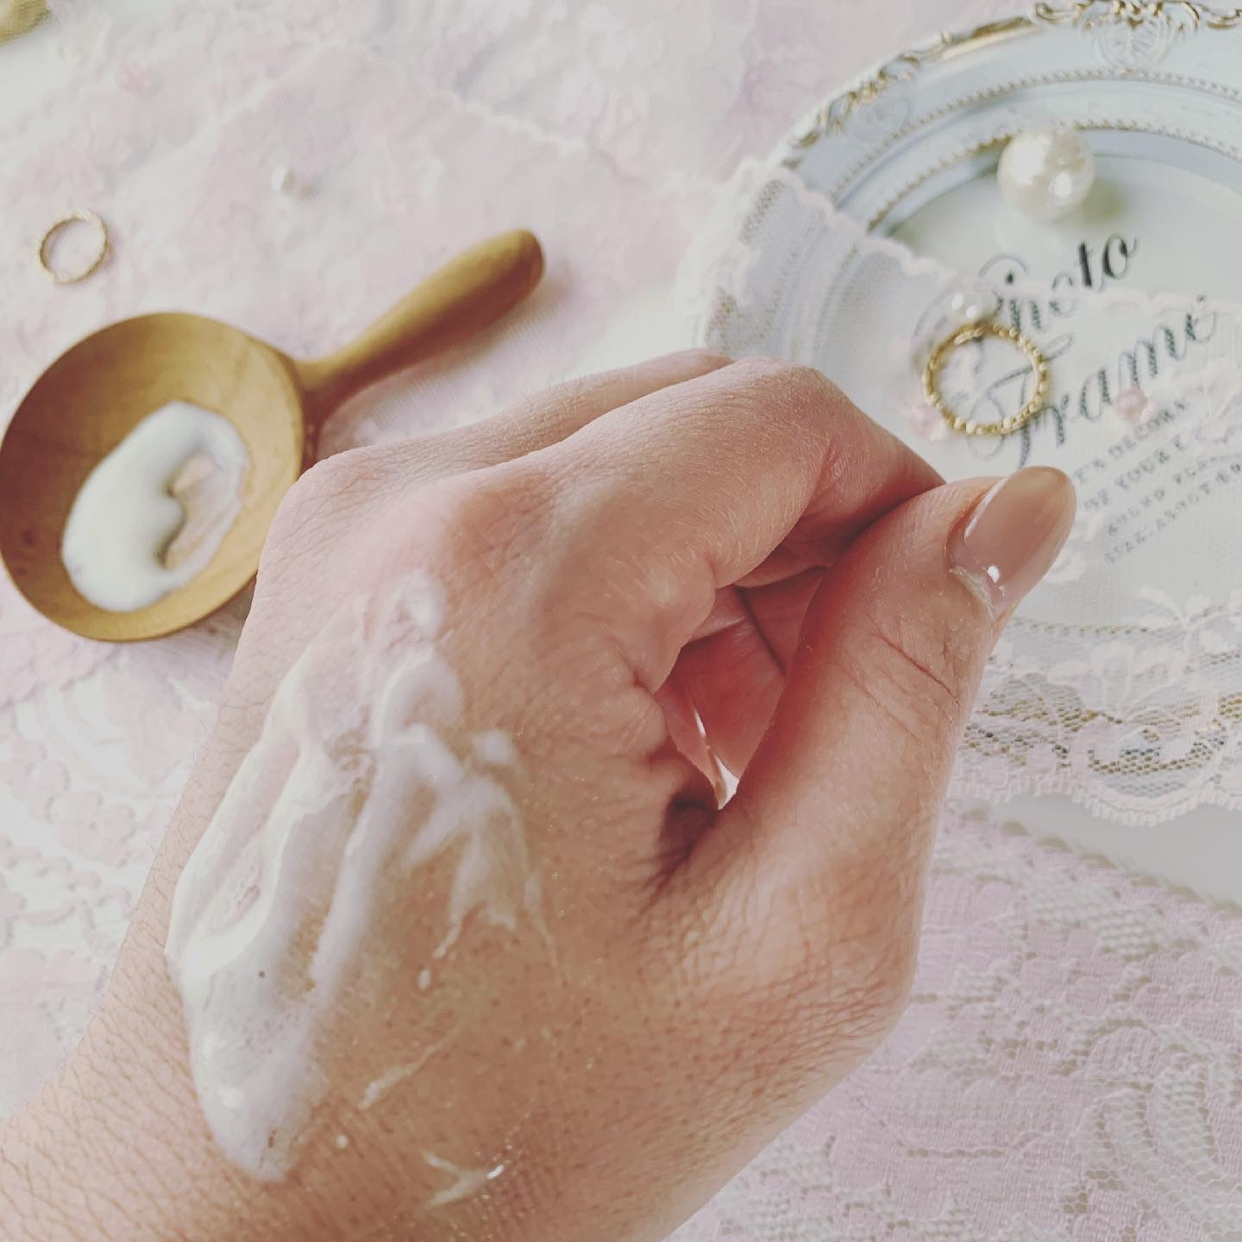 麗凍化粧品(Reitou Cosme) 美容液クリームを使ったRyumamaさんのクチコミ画像3